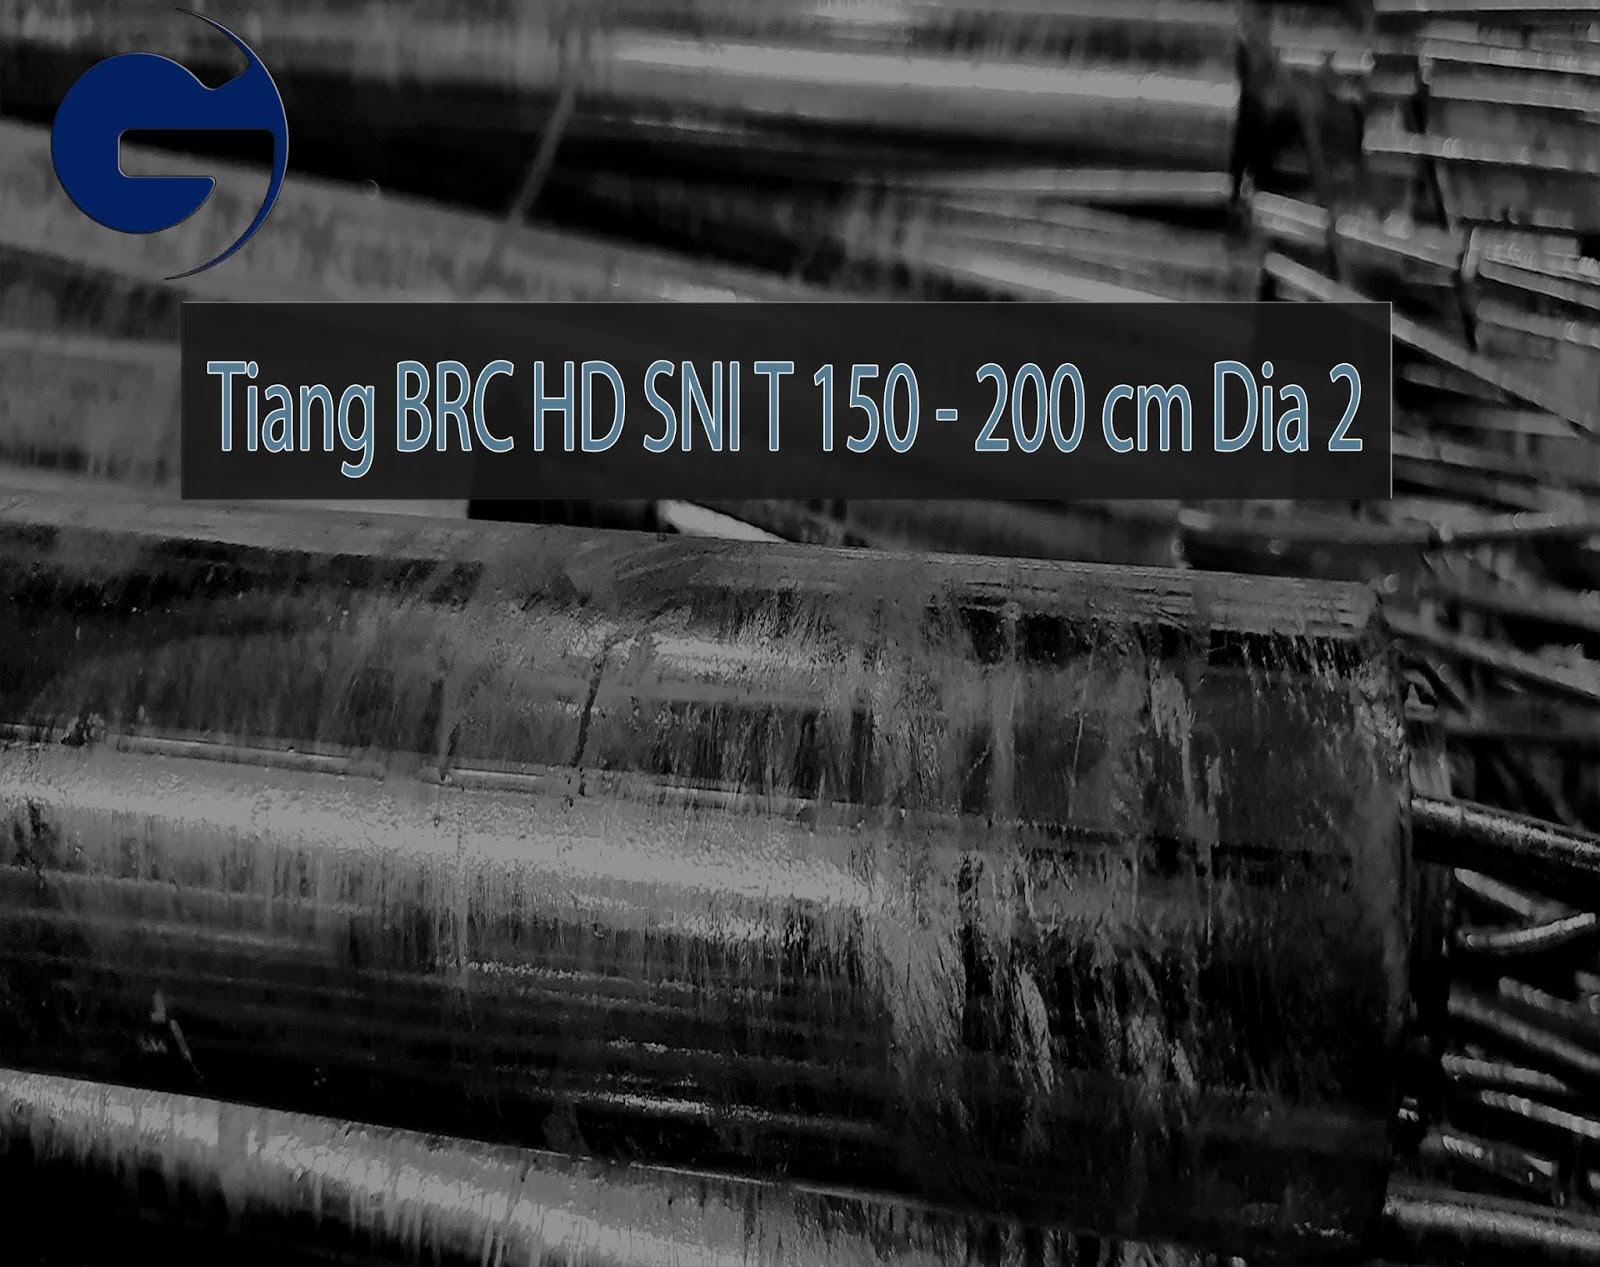 Jual Tiang BRC HDG SNI T 200 CM Dia 2 Inch